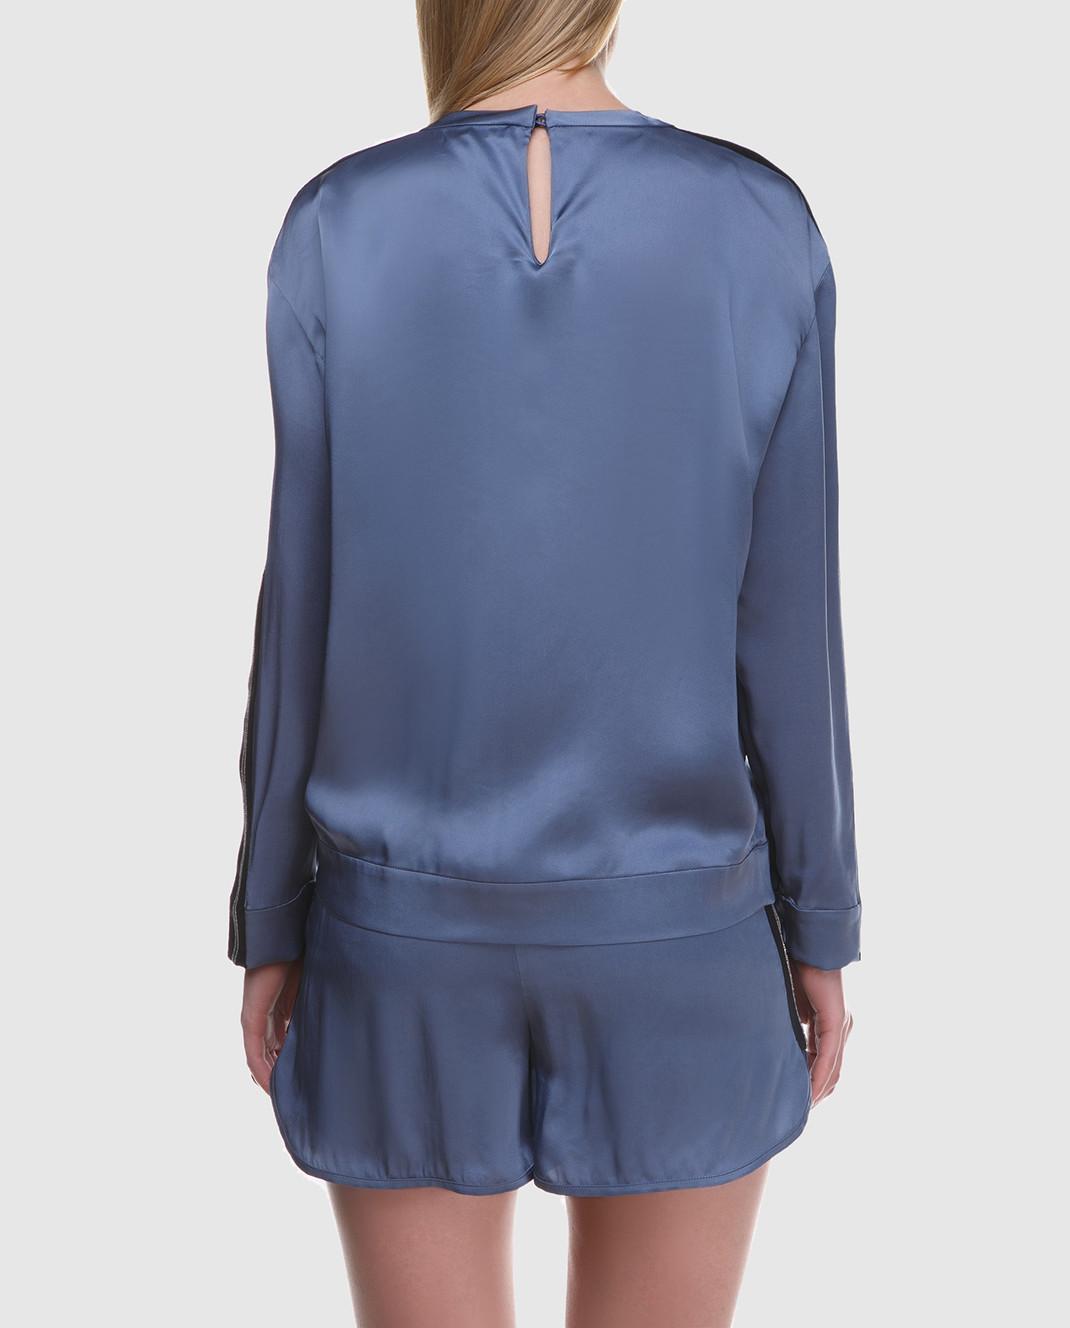 Brunello Cucinelli Синяя блуза M0H34S0720 изображение 4